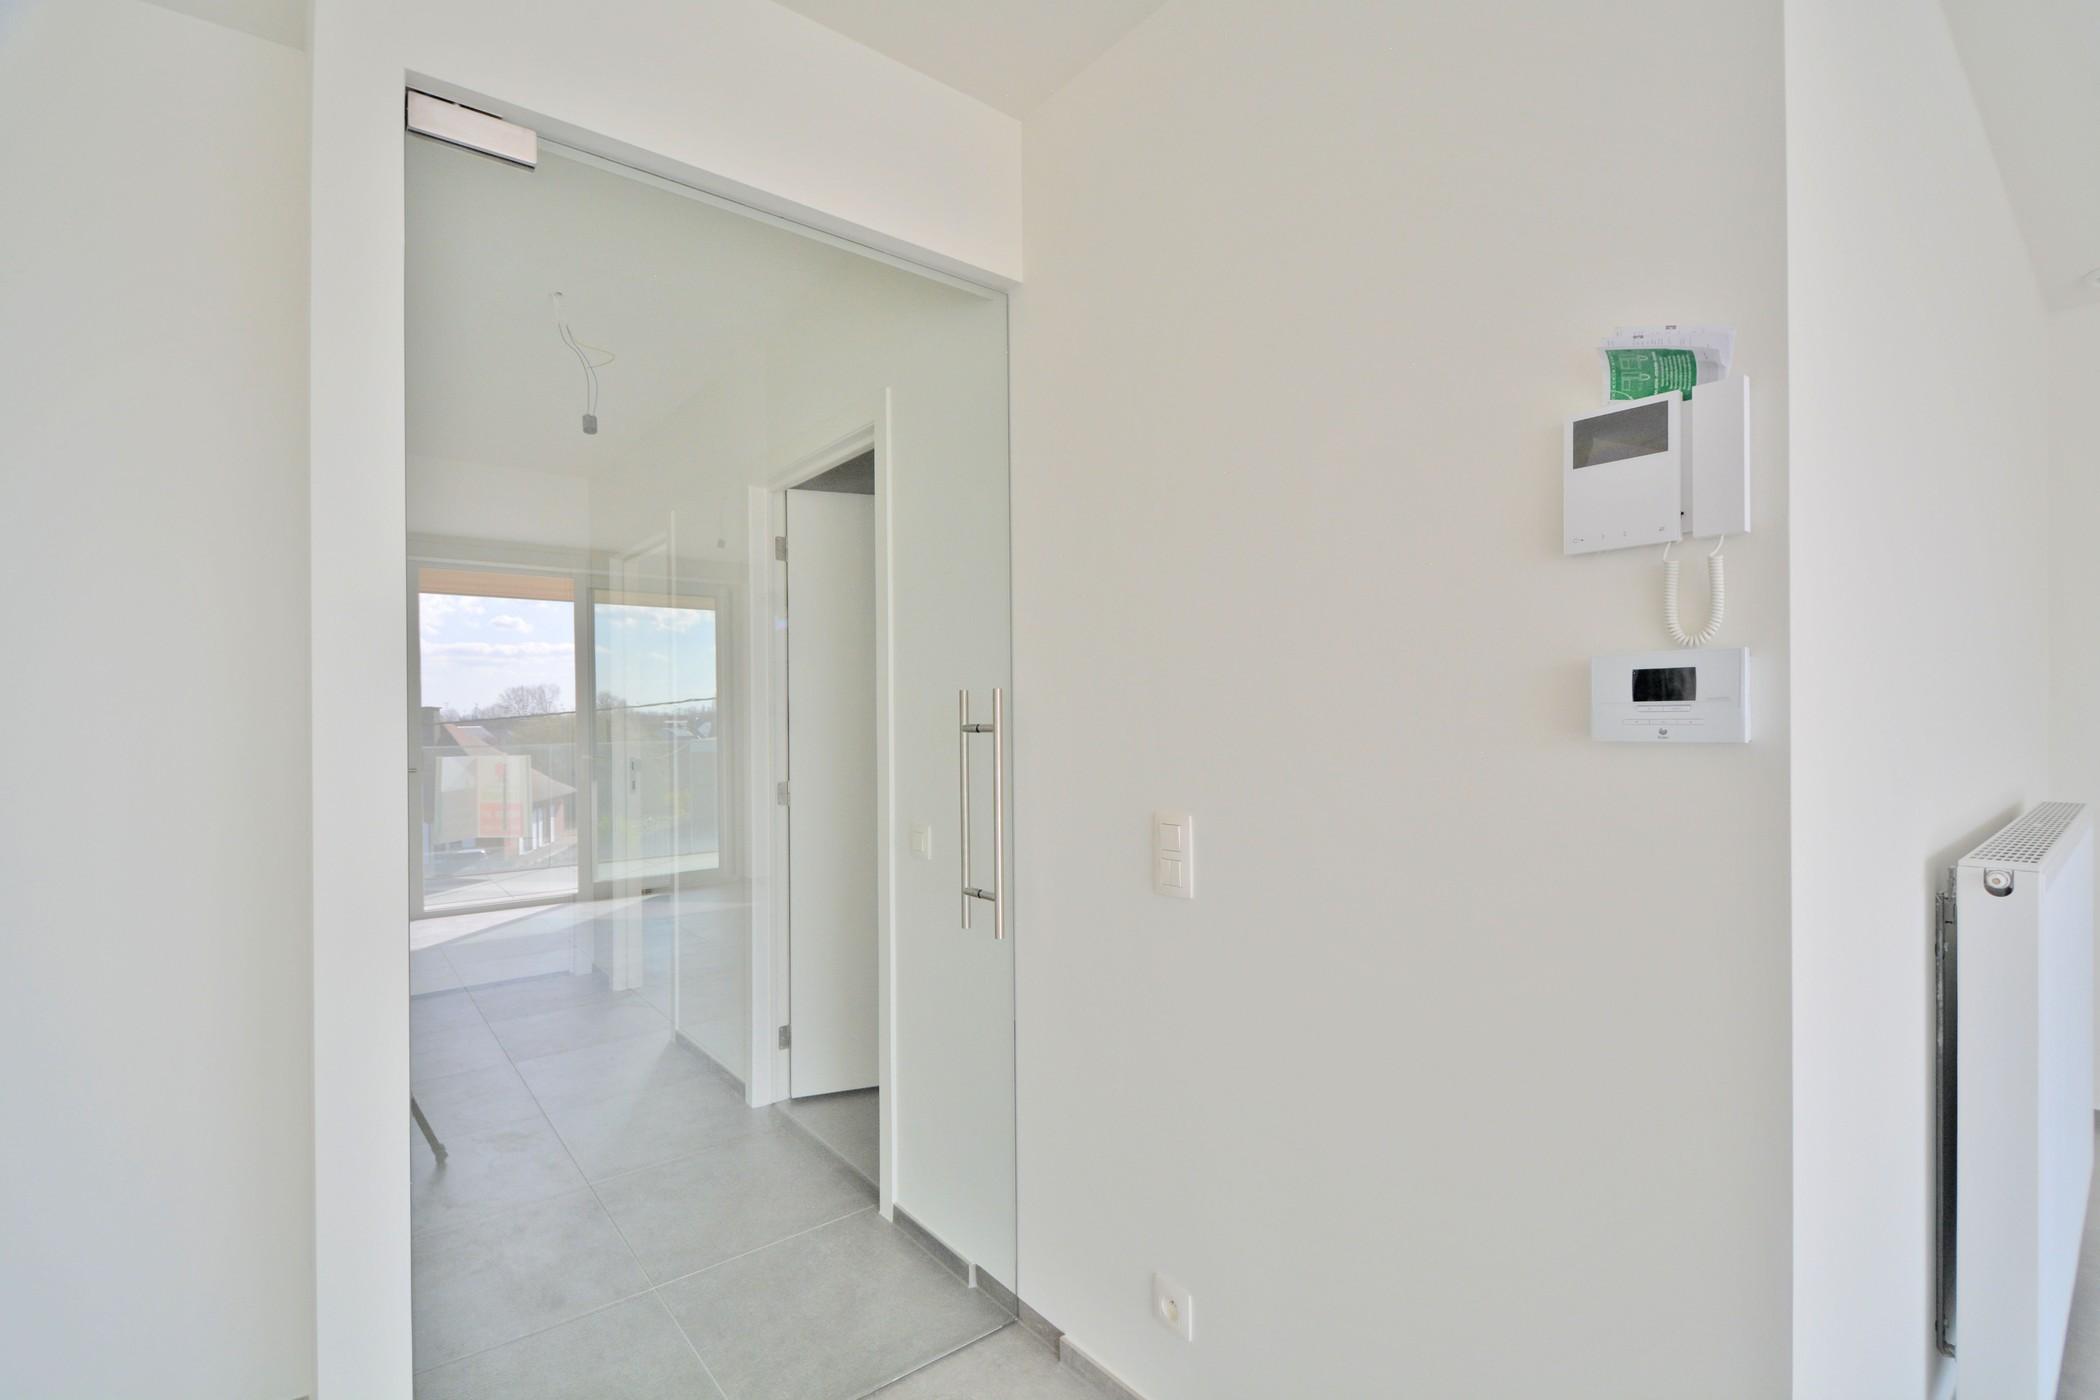 2 slaapkamer appartement Residentie Roosevelt -  - NS-043 Residentie Roosevelt 2.5CCCC